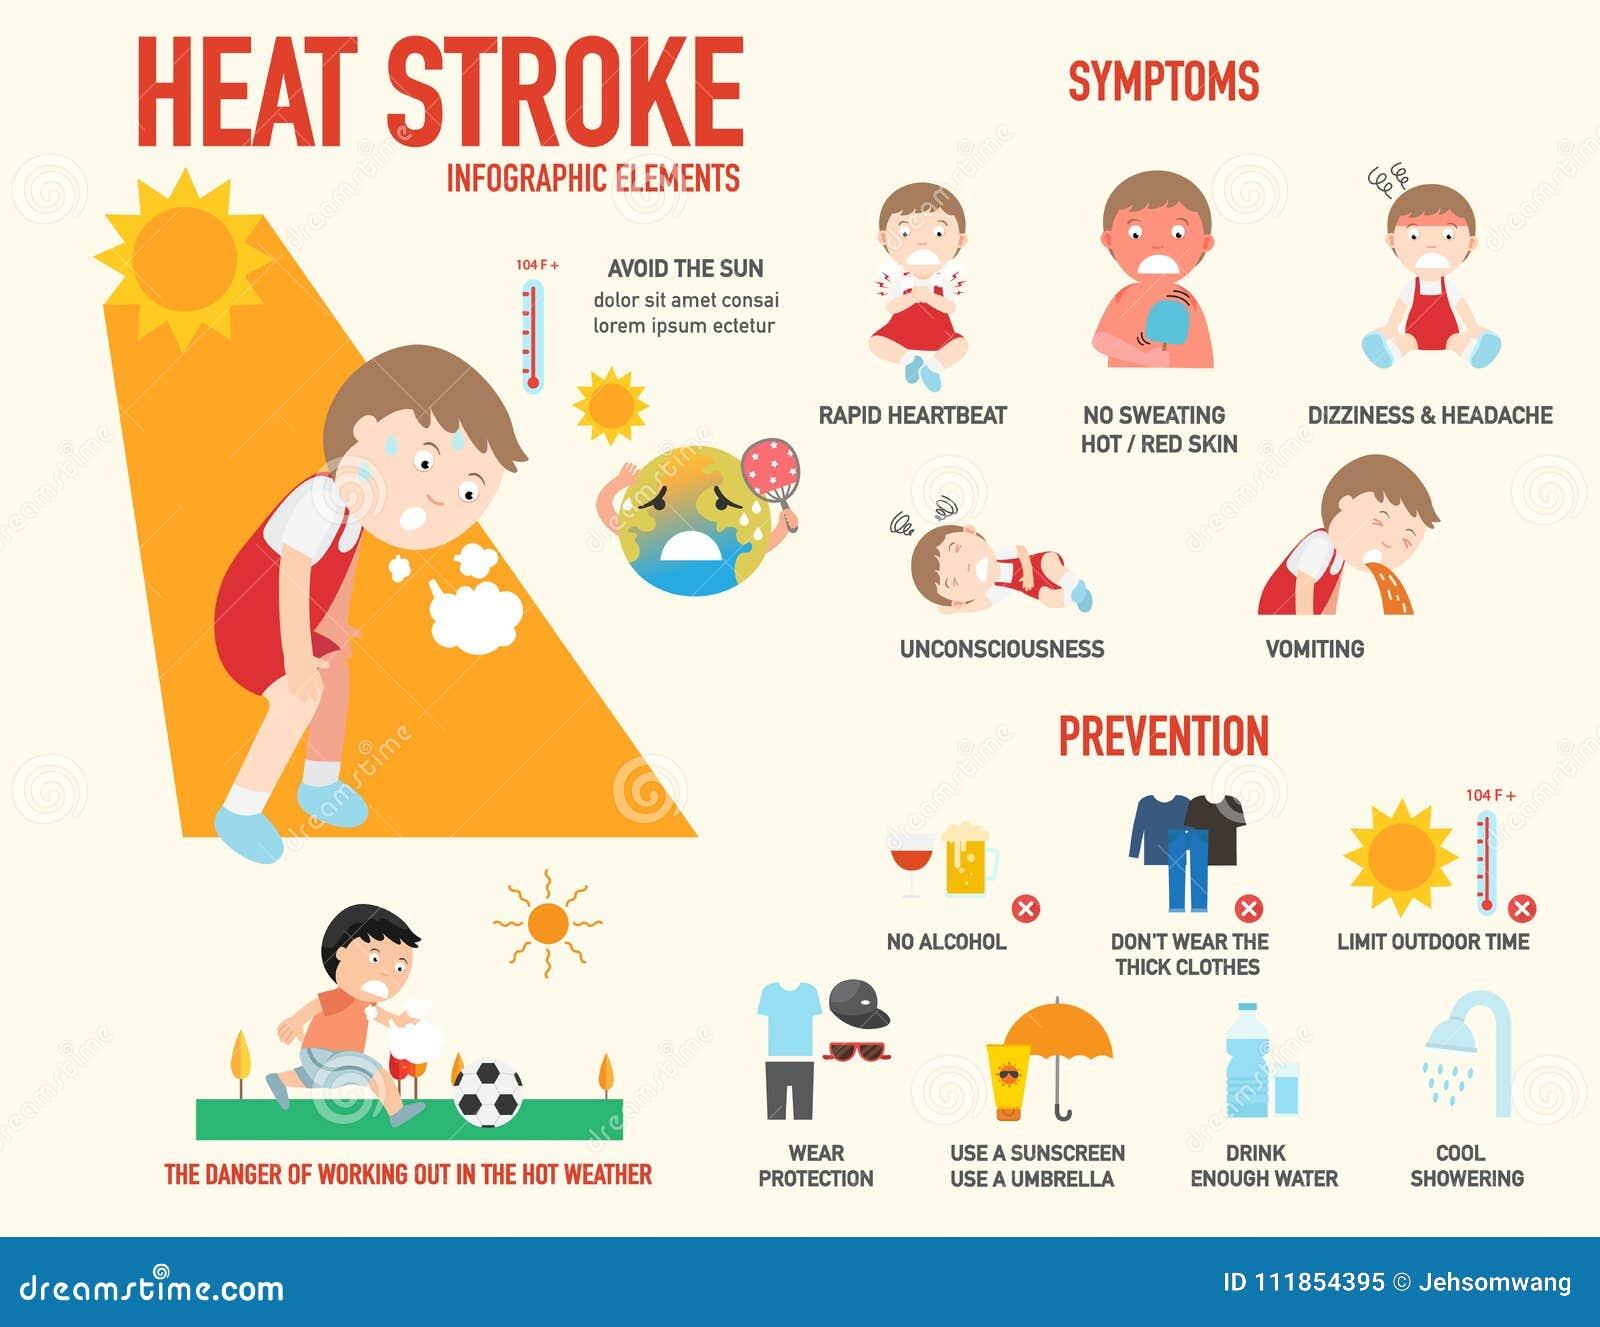 Signe de risque de coup de chaleur et sympt me et pr vention infographic il illustration de - Symptome coup de chaleur bebe ...